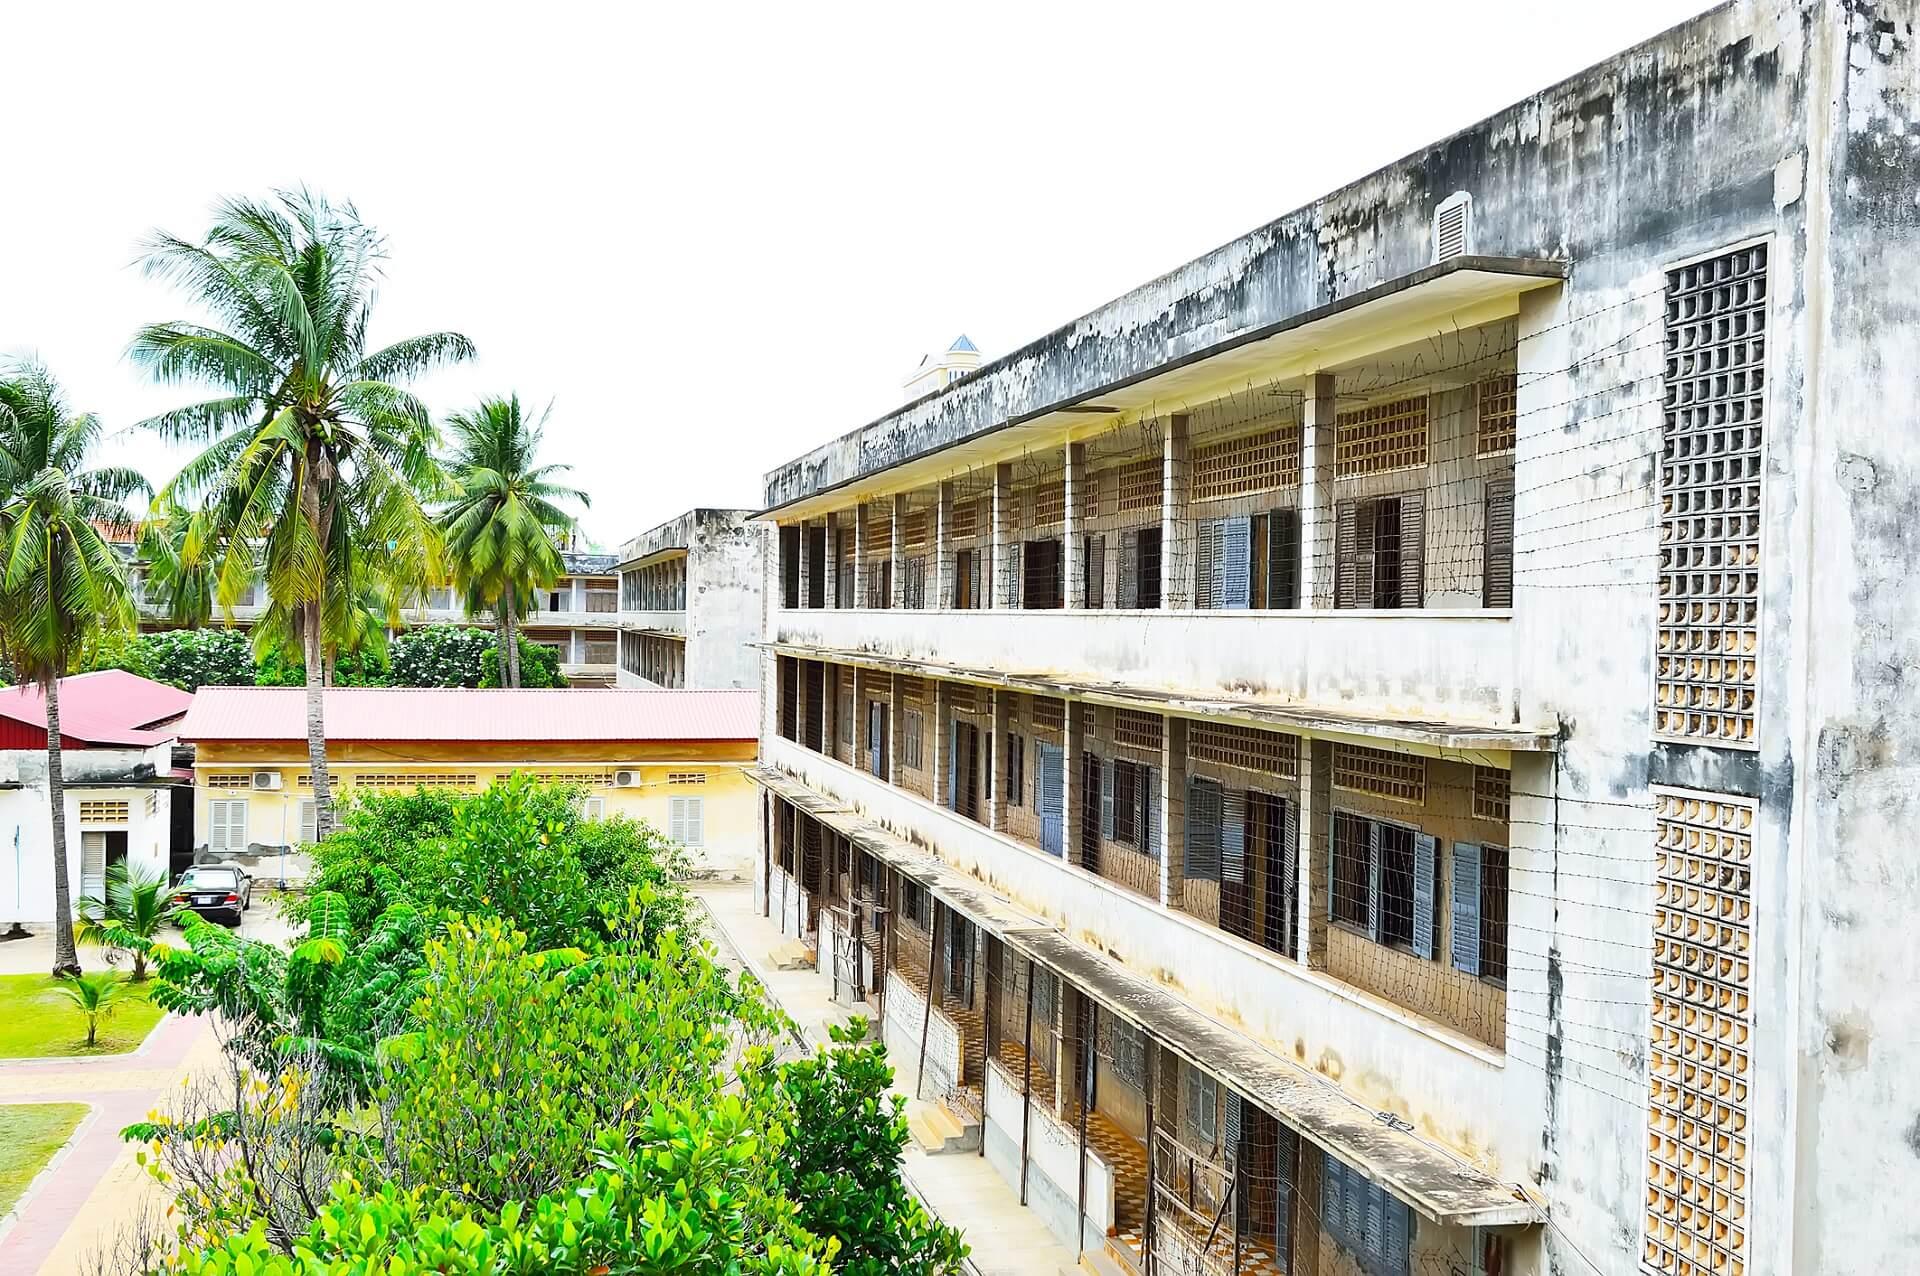 Das Gefägnis 21 in einer ehemaligen Schule